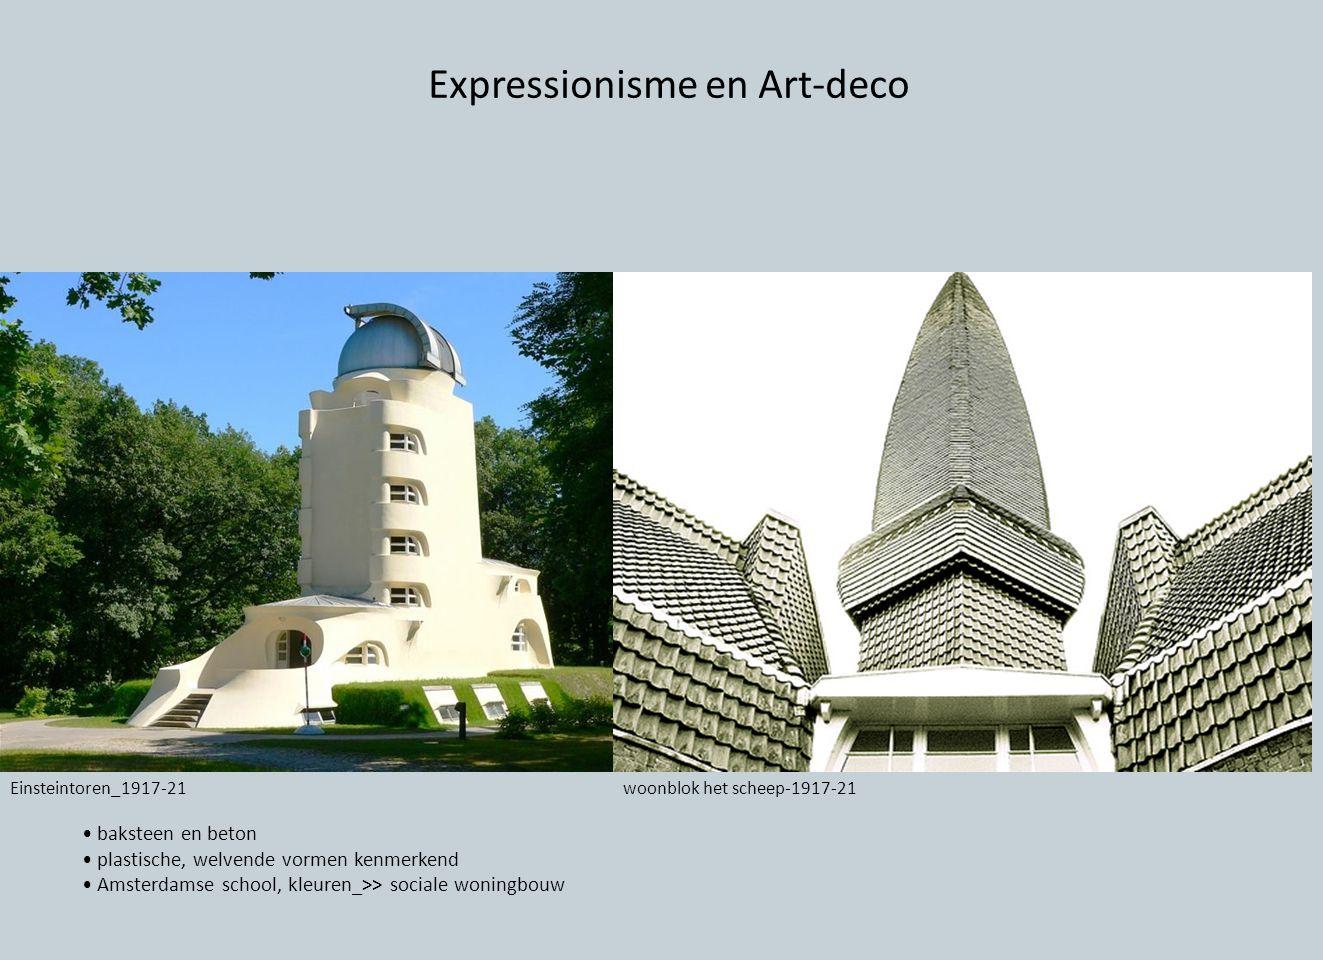 Expressionisme en Art-deco baksteen en beton plastische, welvende vormen kenmerkend Amsterdamse school, kleuren_>> sociale woningbouw Einsteintoren_19